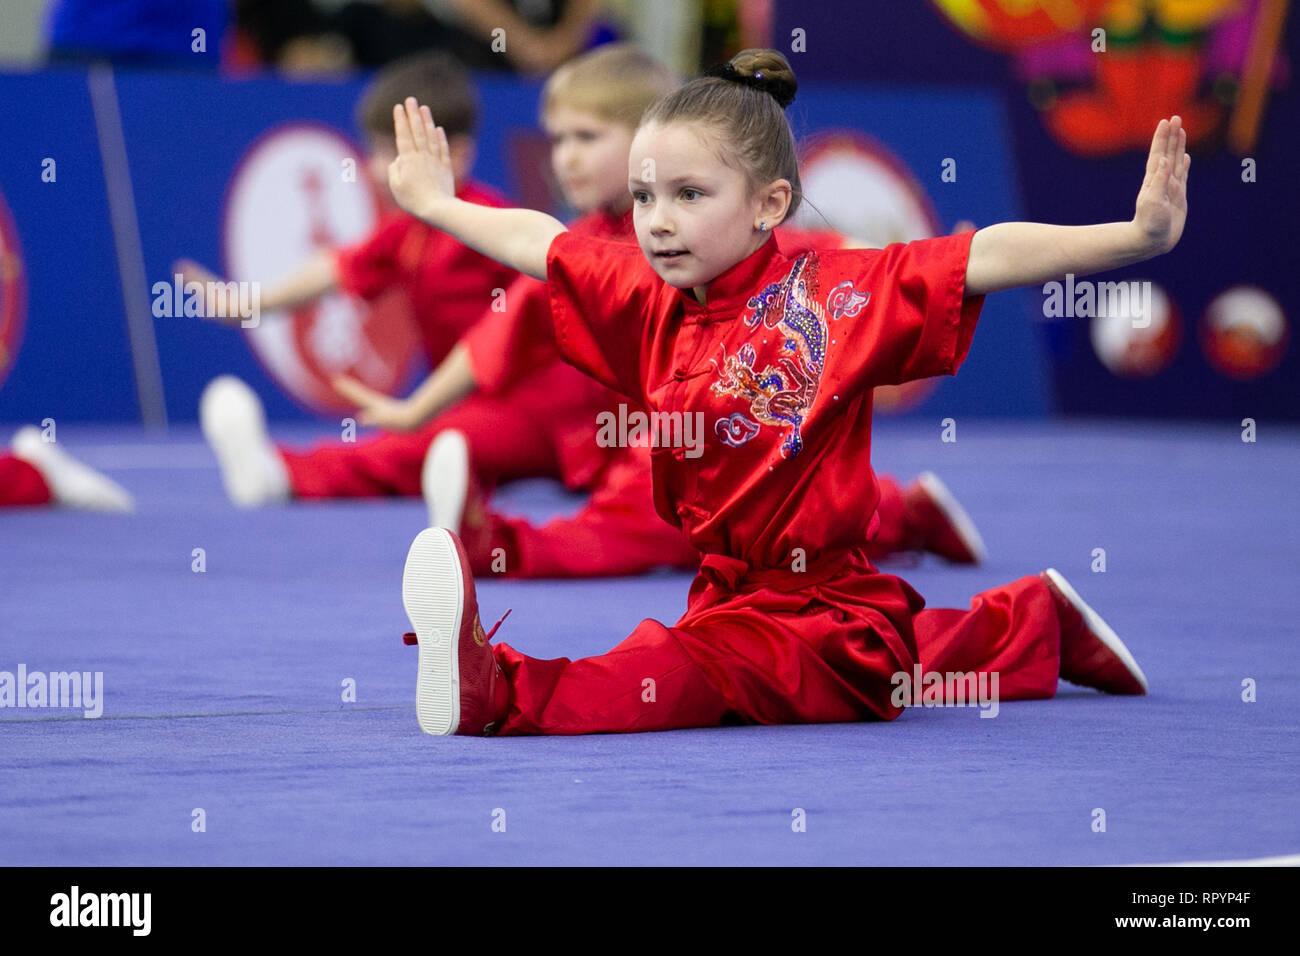 Mosca, Russia. Il 23 febbraio, 2019. I concorrenti di eseguire durante la cerimonia di apertura per la mosca Wushu stelle 2019 concorrenza a Mosca, in Russia, nel febbraio 23, 2019. Credito: Bai Xueqi/Xinhua/Alamy Live News Foto Stock